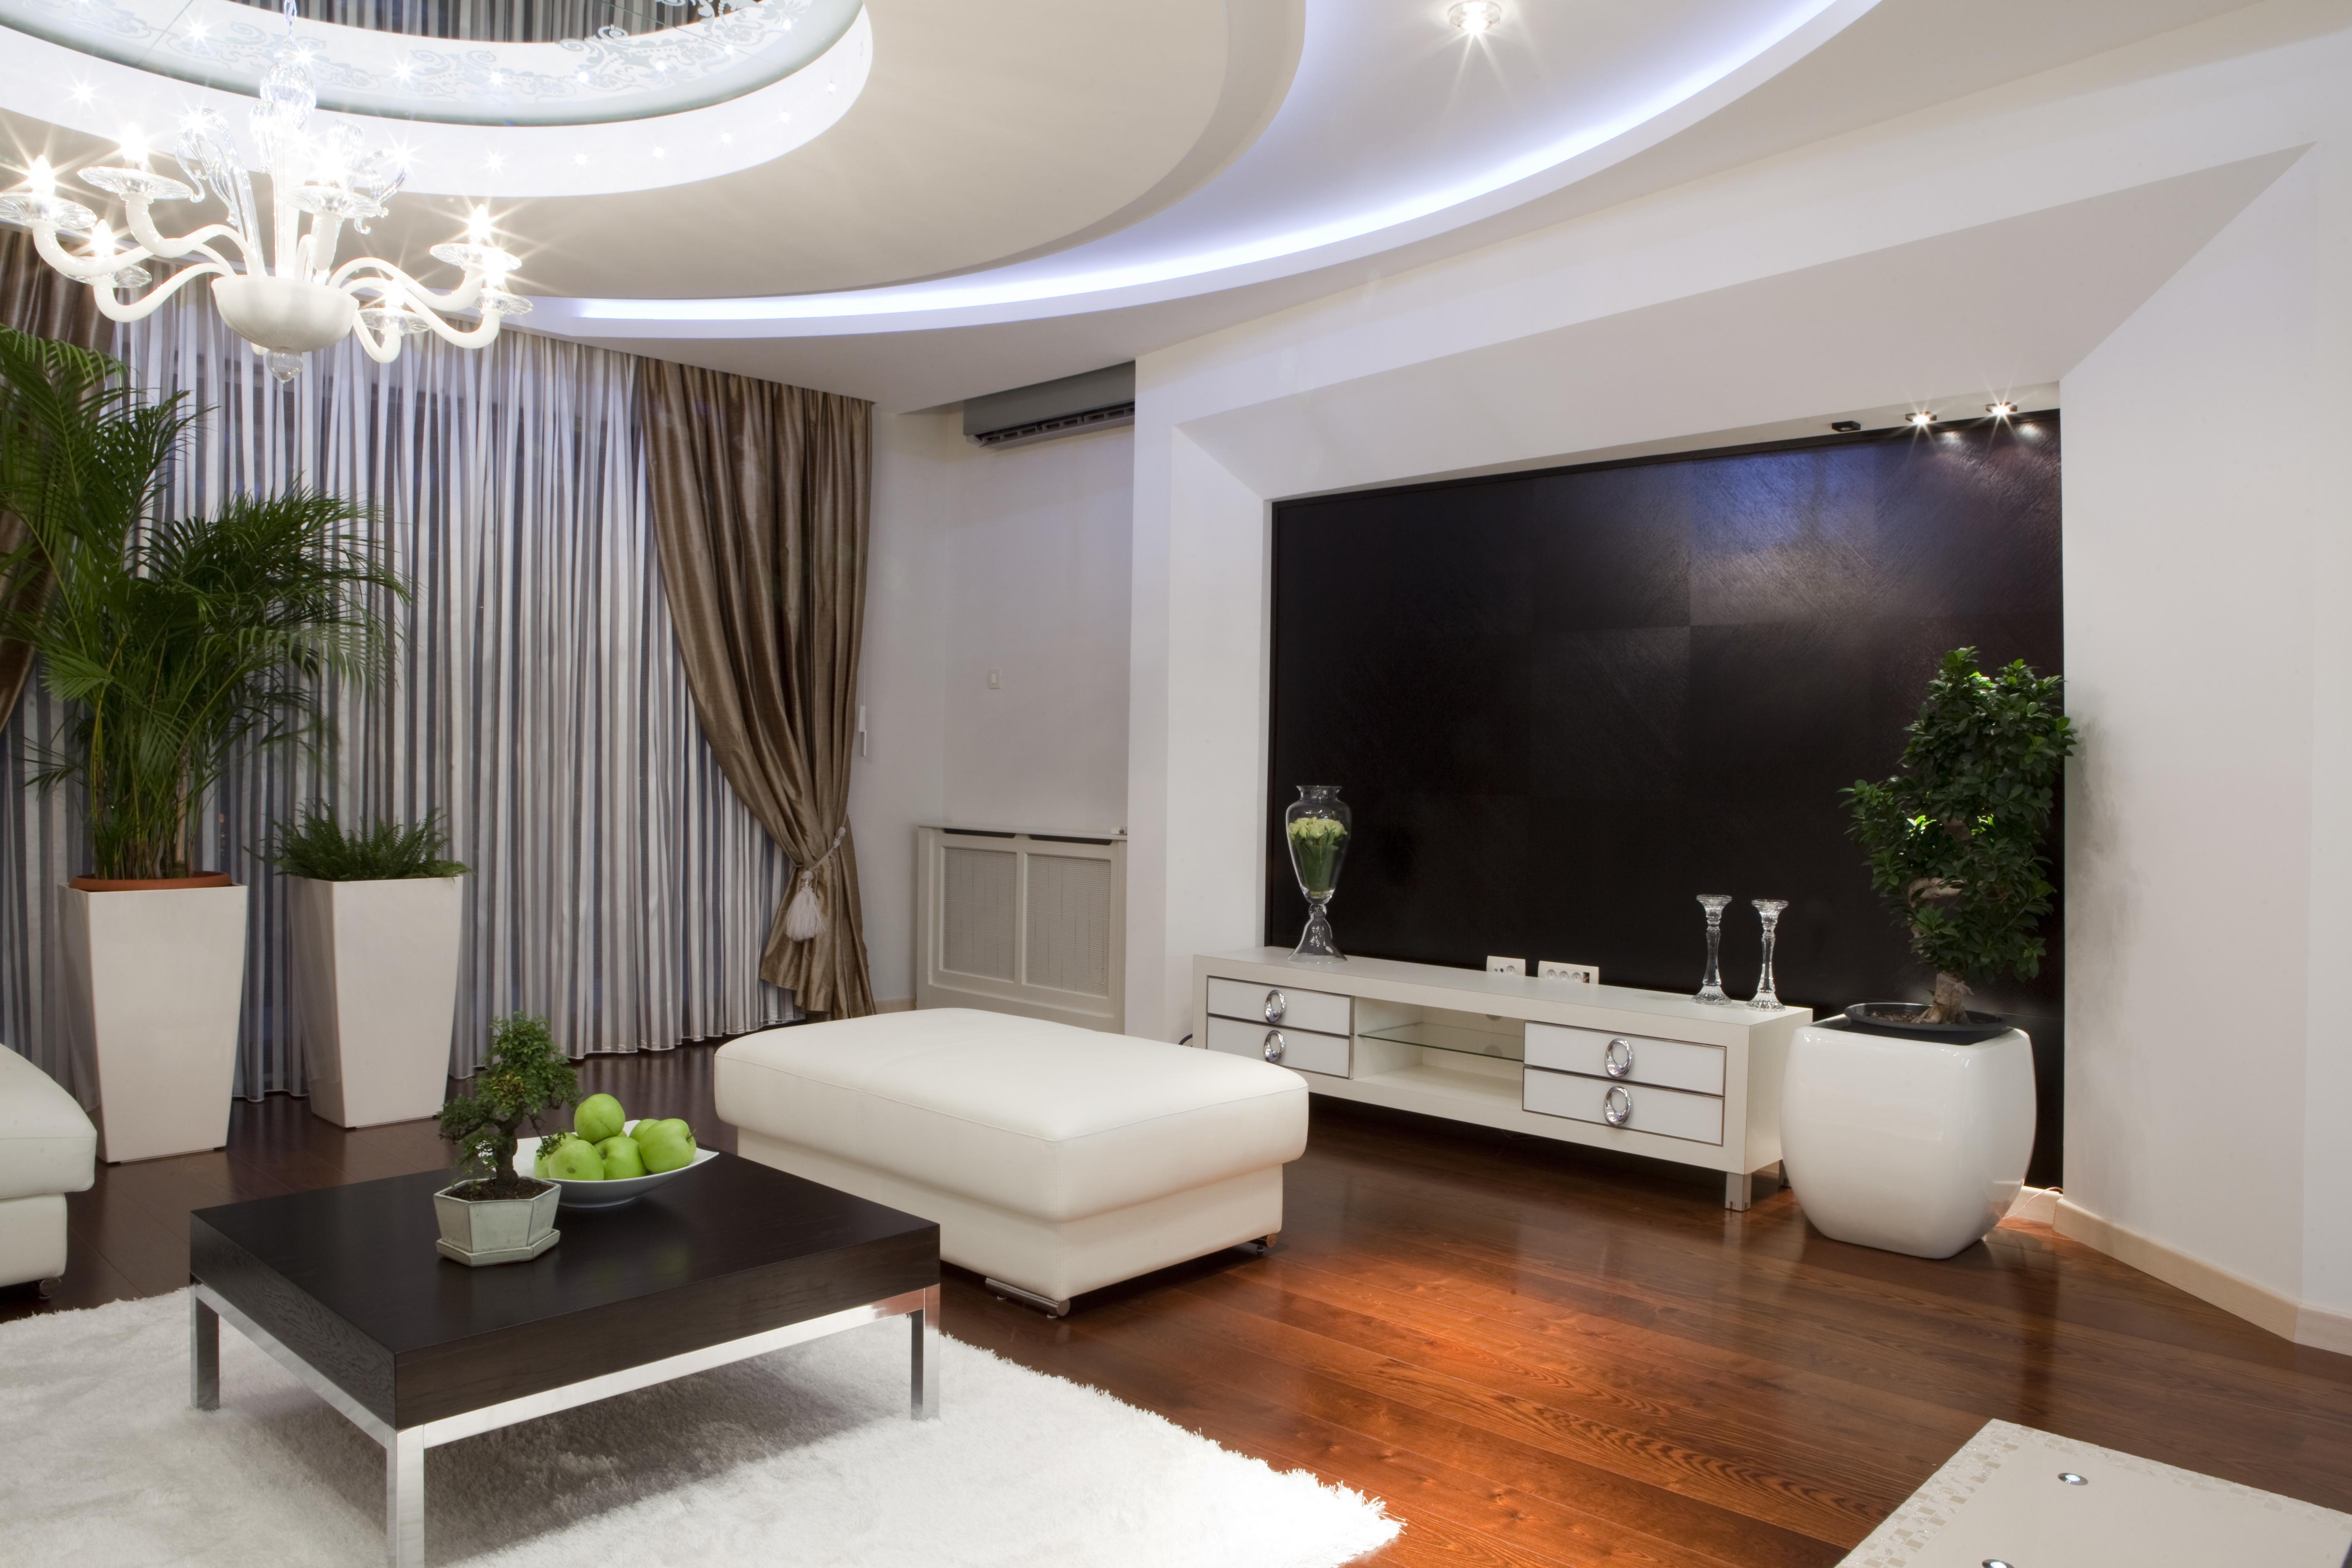 Интерьер в гостиной фото в частном доме